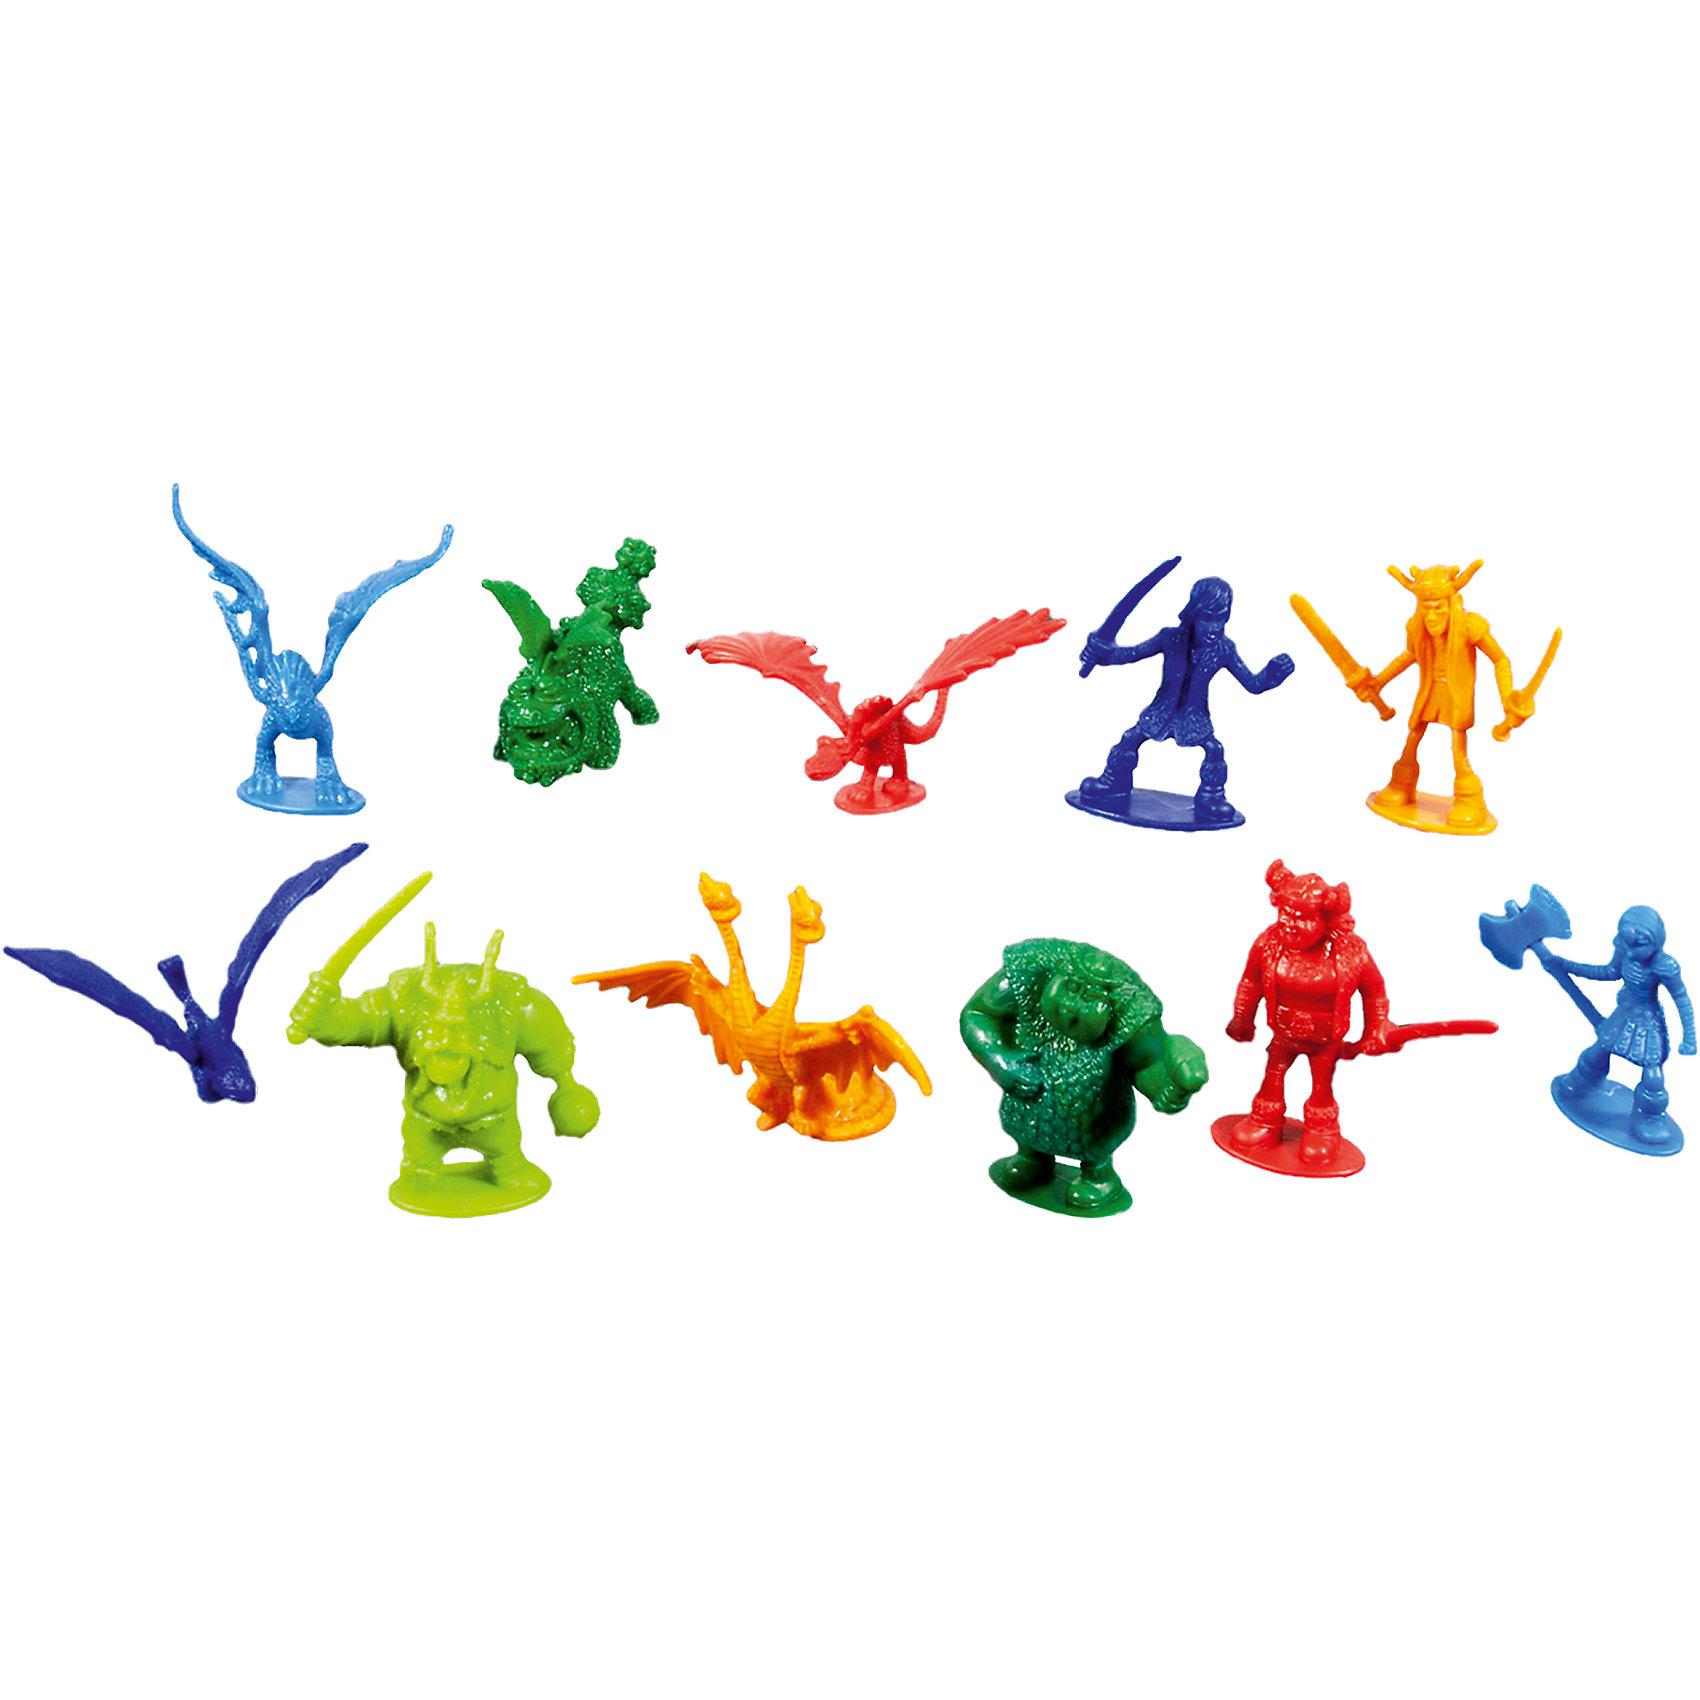 Набор маленьких драконов и викингов (Как приручить дракона), Spin MasterНабор маленьких драконов и викингов, Dragons, Spin Master - чудесный игровой набор, который порадует всех поклонников популярного мультфильма Как приручить дракона и позволит разыграть сценки с любимыми героями. В комплекте 25 мини-фигурок героев мультфильма, среди них 18 драконов и 7 отважных викингов, которые отправляются на сражение верхом на друзьях-драконах. Фигурки прекрасно детализированы, некоторые из них повторяются в наборе дважды. Каждая фигурка для устойчивости оснащена подставкой. Фигурки выполнены из цветного высококачественного пластика, материал нетоксичен и не вызывает аллергии. Набор для удобства хранения упакован в банку с крышкой.<br><br>Дополнительная информация:<br><br>- В комплекте 25 фигурок: Драконы - синий Беззубик (2 шт.), черный Беззубик (2 шт.), салатовый Барс и Вепр, синий Барс и Вепрь, красный Кривоклык (2 шт.), оранжевый Кривоклык (2 шт.), желтая Громгильда (2 шт.), зеленая Сарделька, серая Громгильда (2 шт.), желтая Сарделька;<br>  Викинги - черный Иккинг, синий Иккинг, Астрид, Рыбьеног, Задирака, Сморкало, Плевака.<br>- Материал: высококачественный пластик.<br>- Высота фигурок: 4 см.<br>- Размер упаковки: 15 х 15 х 11,5 см.<br>- Вес: 0,335 кг.<br><br>Набор маленьких драконов и викингов, Dragons, Spin Master (Спинмастер) можно купить в нашем интернет-магазине.<br><br>Ширина мм: 150<br>Глубина мм: 115<br>Высота мм: 150<br>Вес г: 335<br>Возраст от месяцев: 36<br>Возраст до месяцев: 120<br>Пол: Мужской<br>Возраст: Детский<br>SKU: 4030039